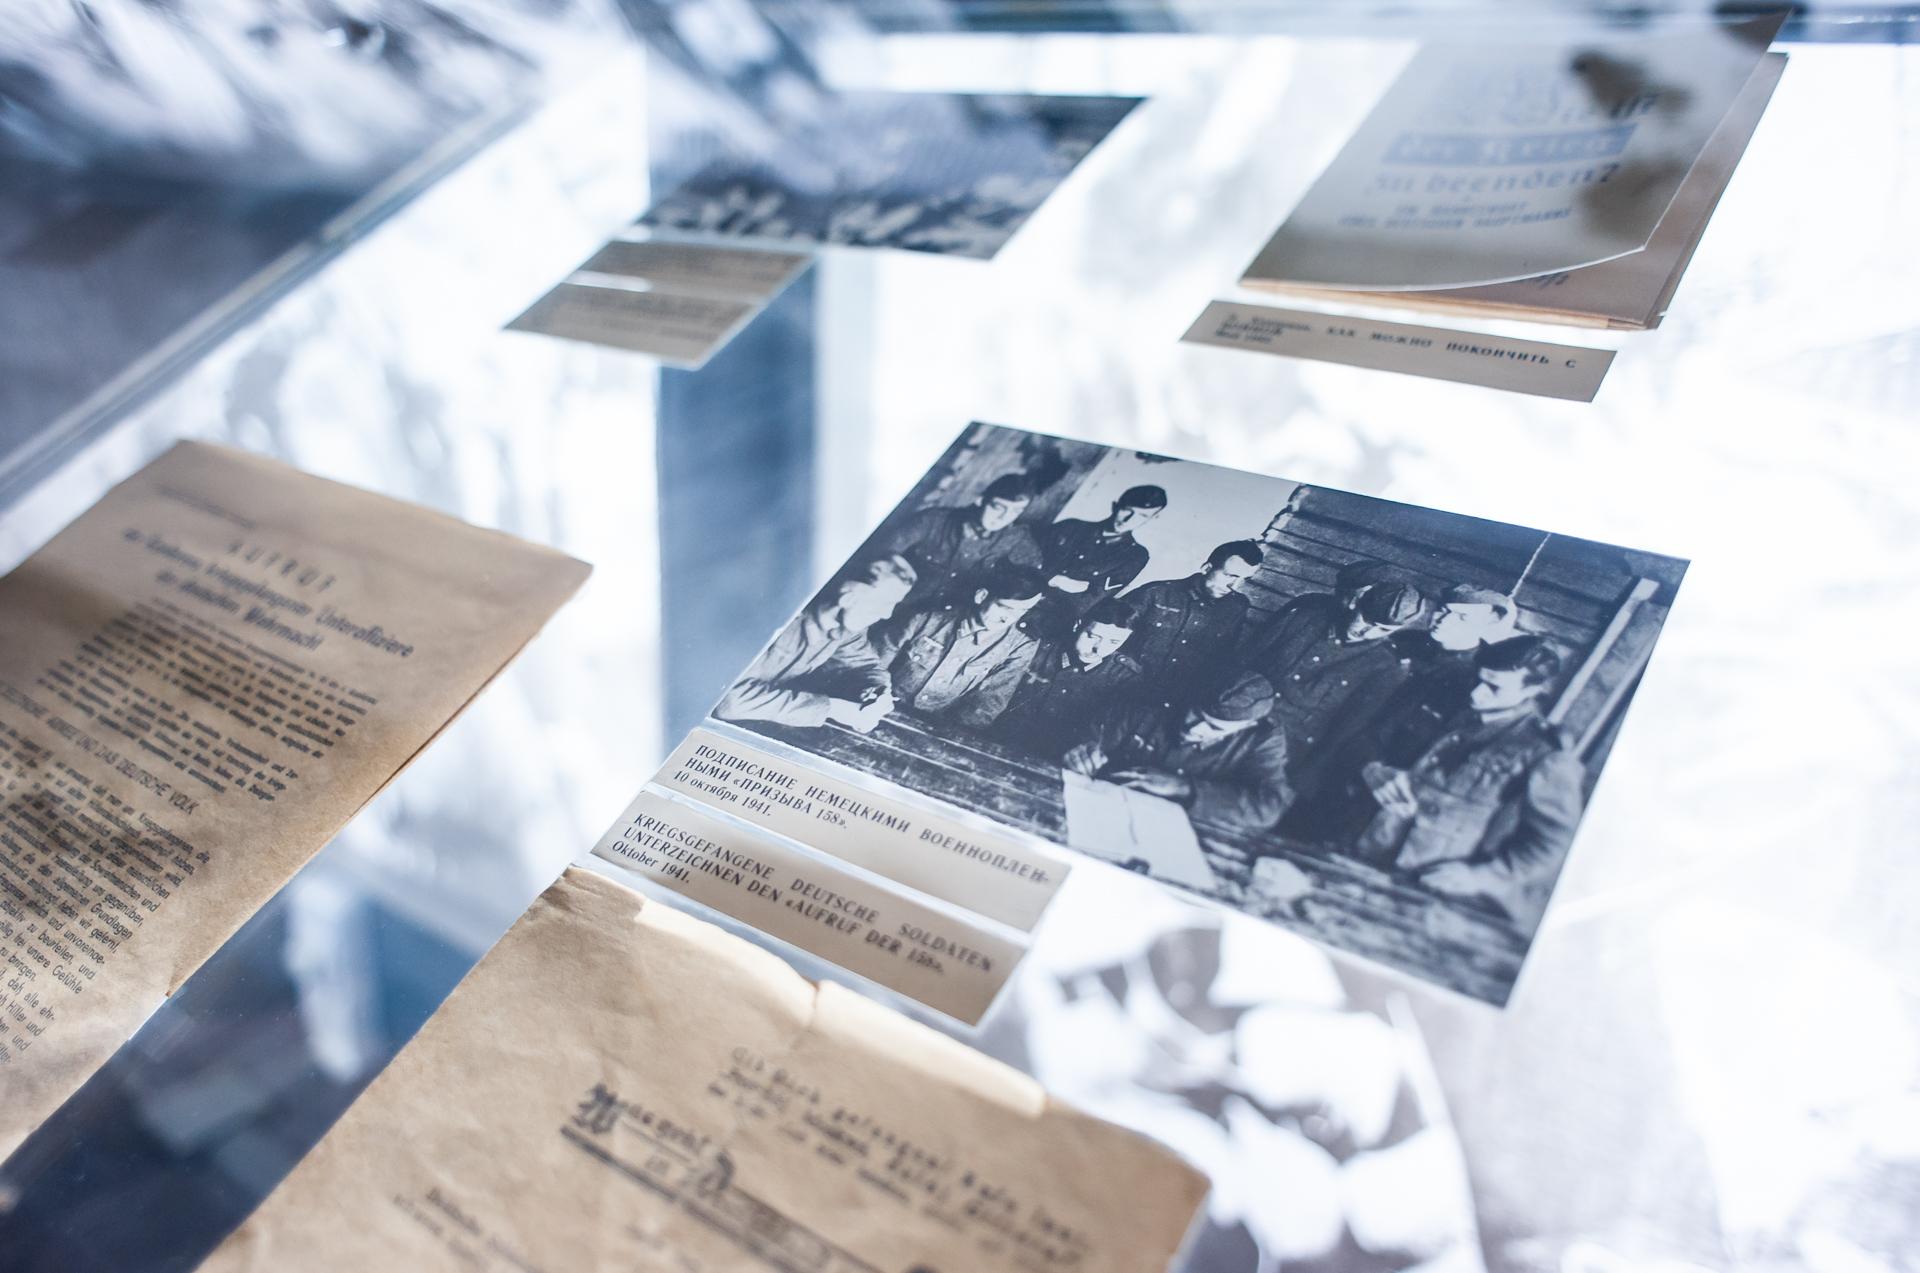 Красногорск, Мемориальный музей немецких антифашистов (Красногорский филиал Музея Победы)